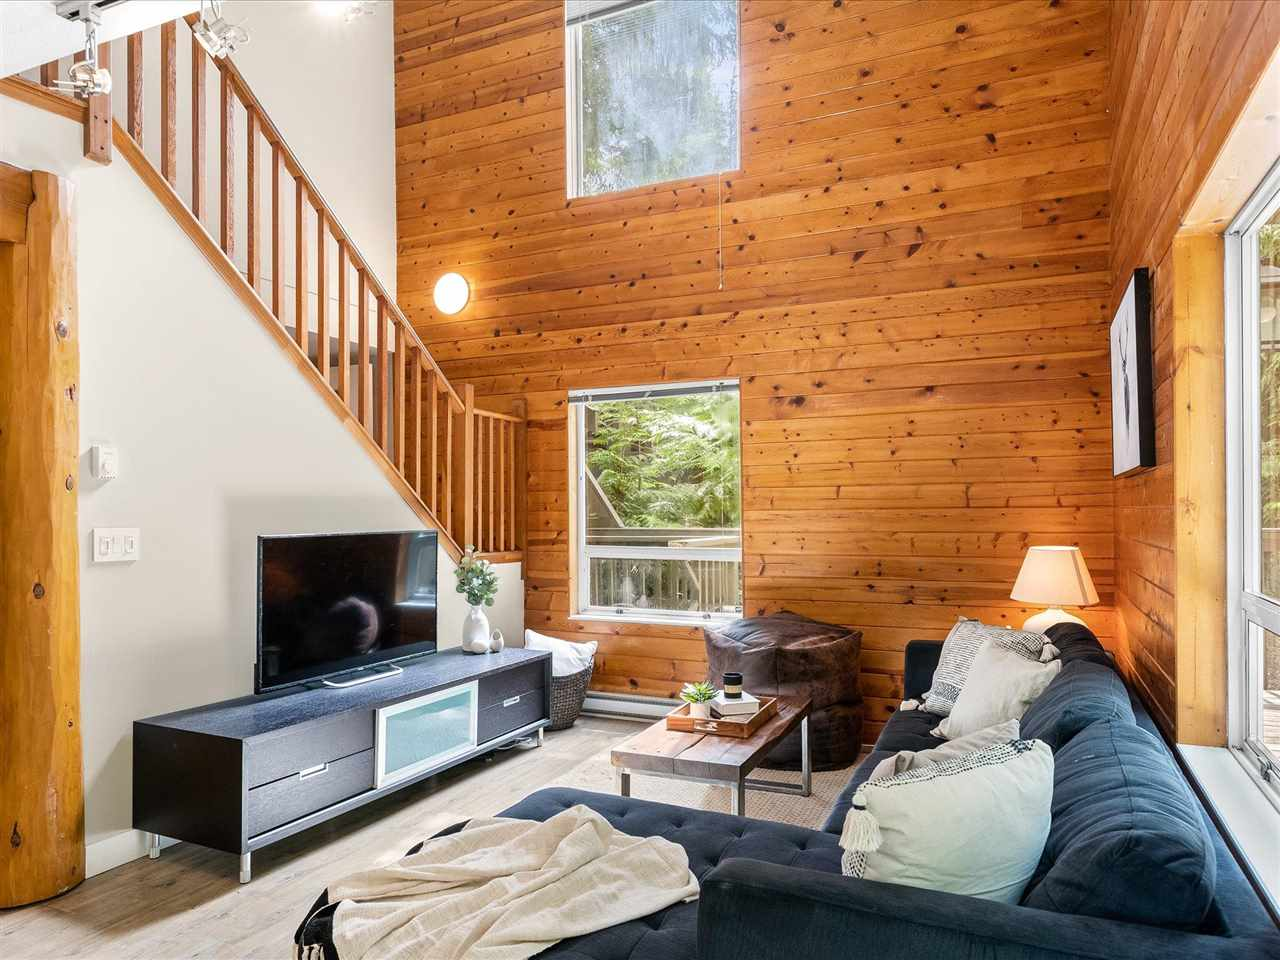 72 2222 BRANDYWINE WAY - Bayshores 1/2 Duplex for sale, 3 Bedrooms (R2591139) - #2